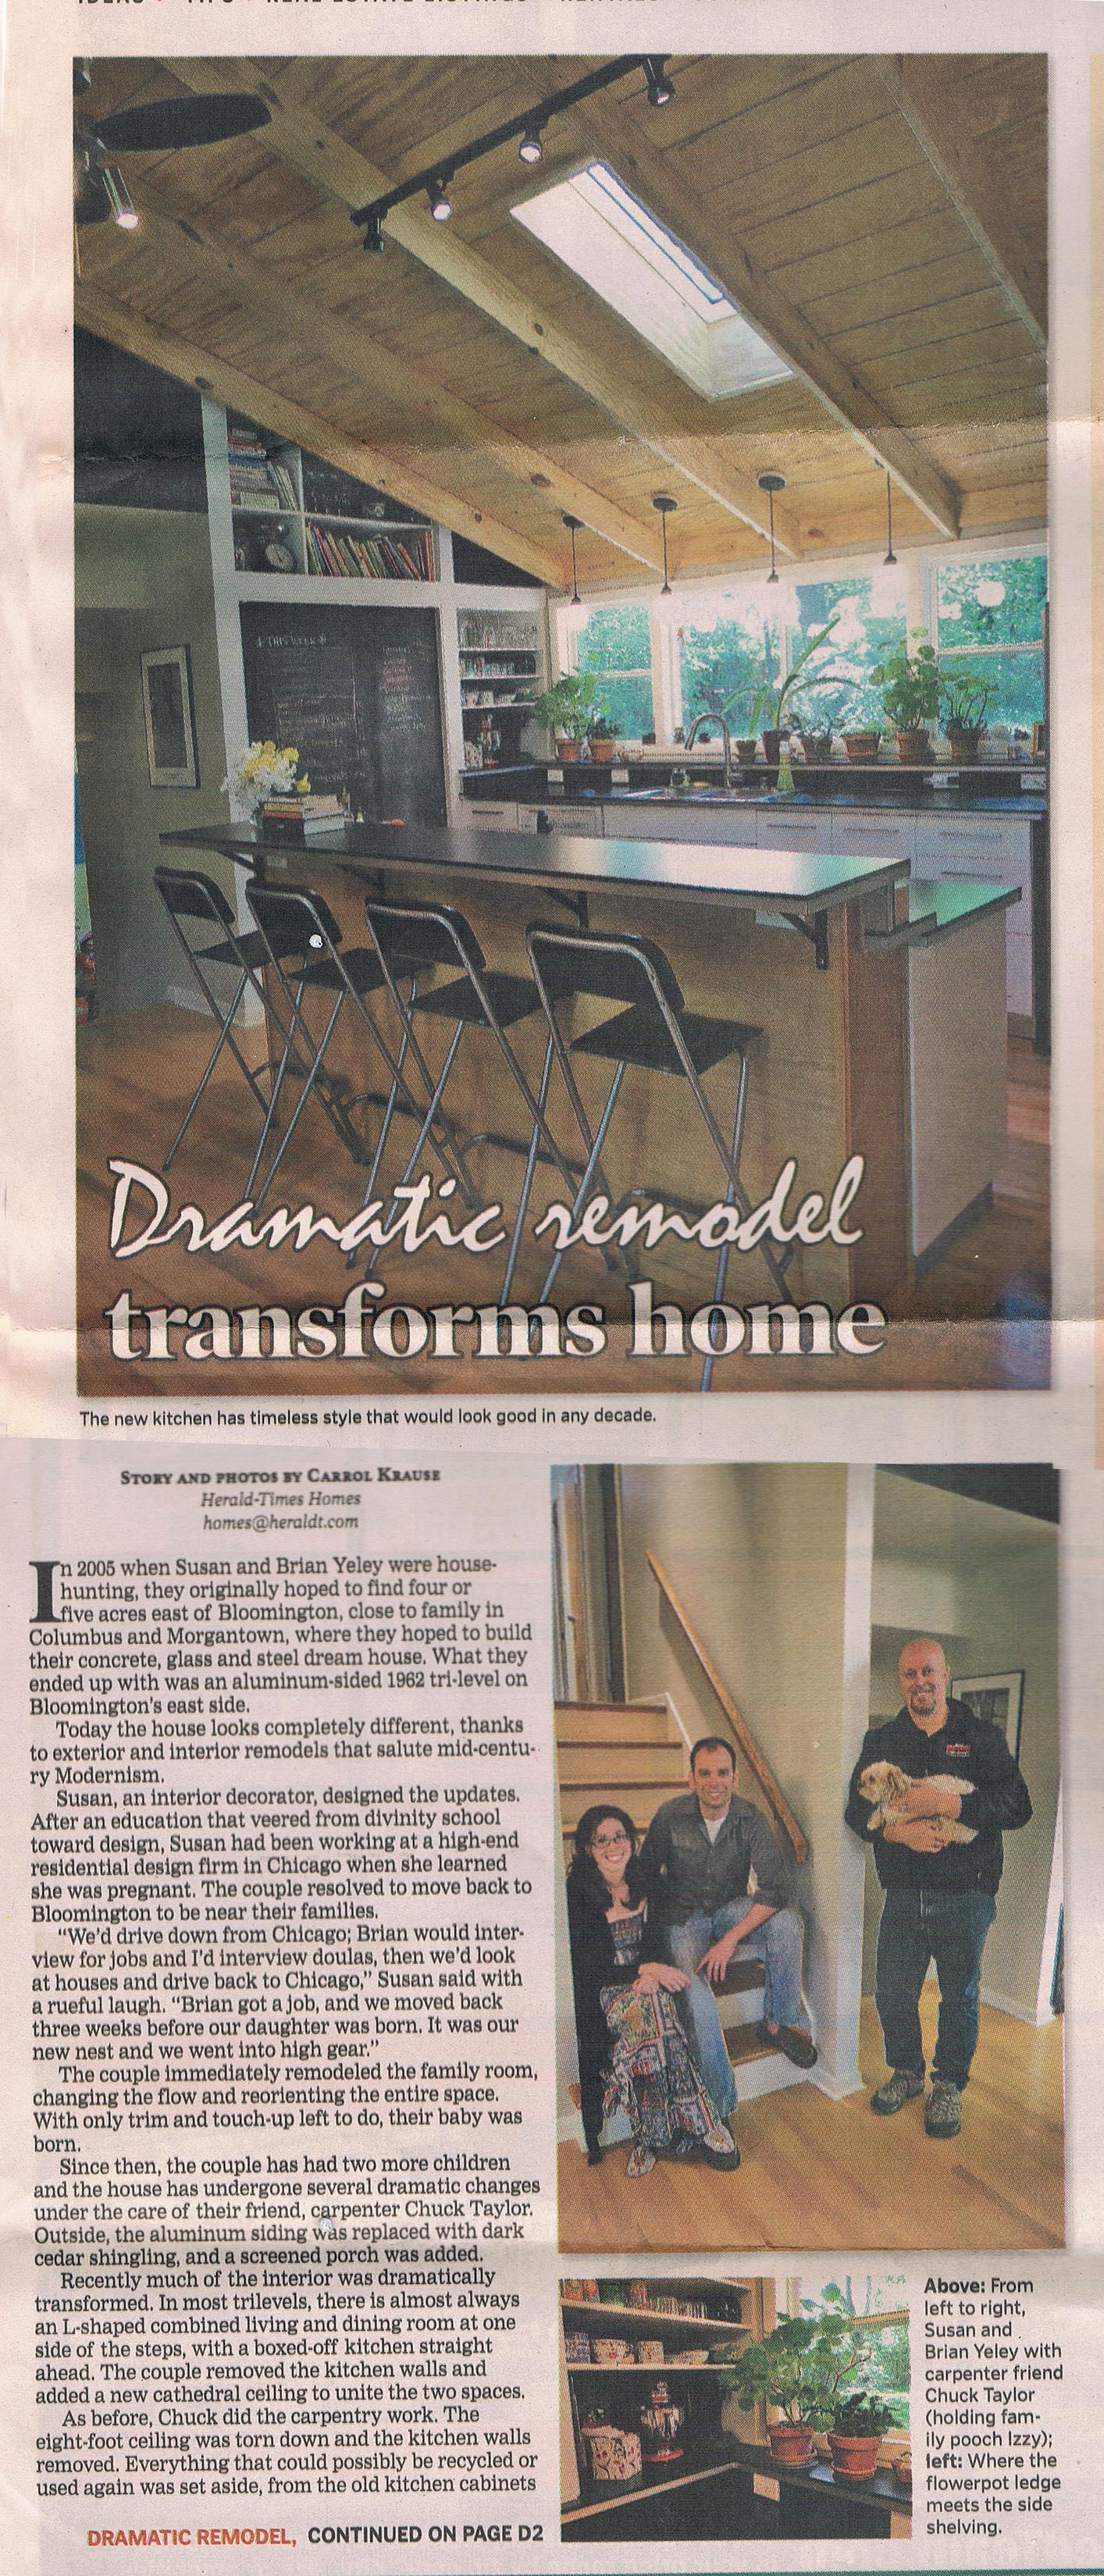 SYI-Herald-Times-052612-p1.jpeg